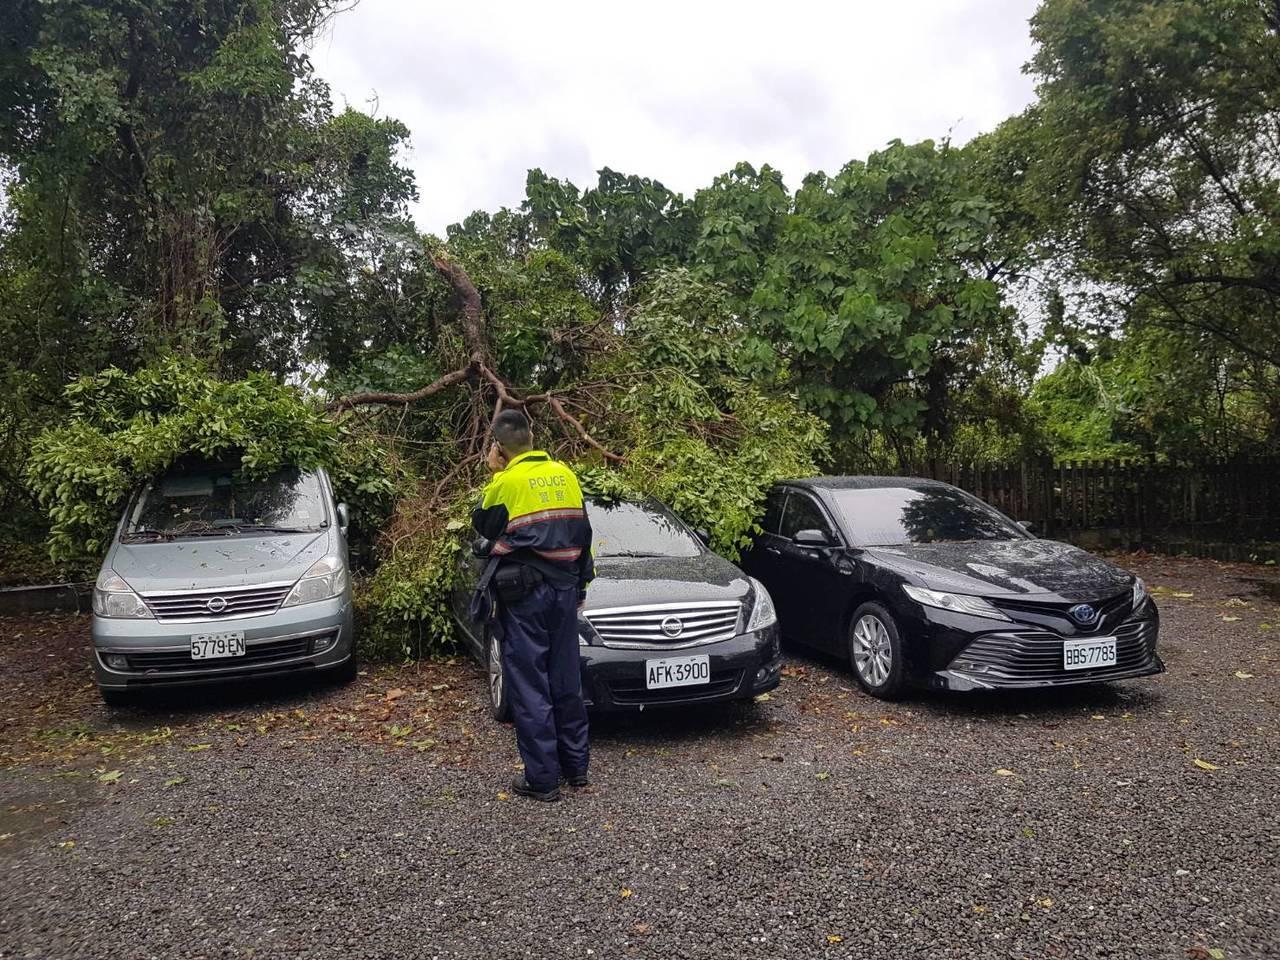 羅東鎮林業文化園區內停車場路樹倒下,壓到停在停車場內的車輛,羅東分局公正派出所警...